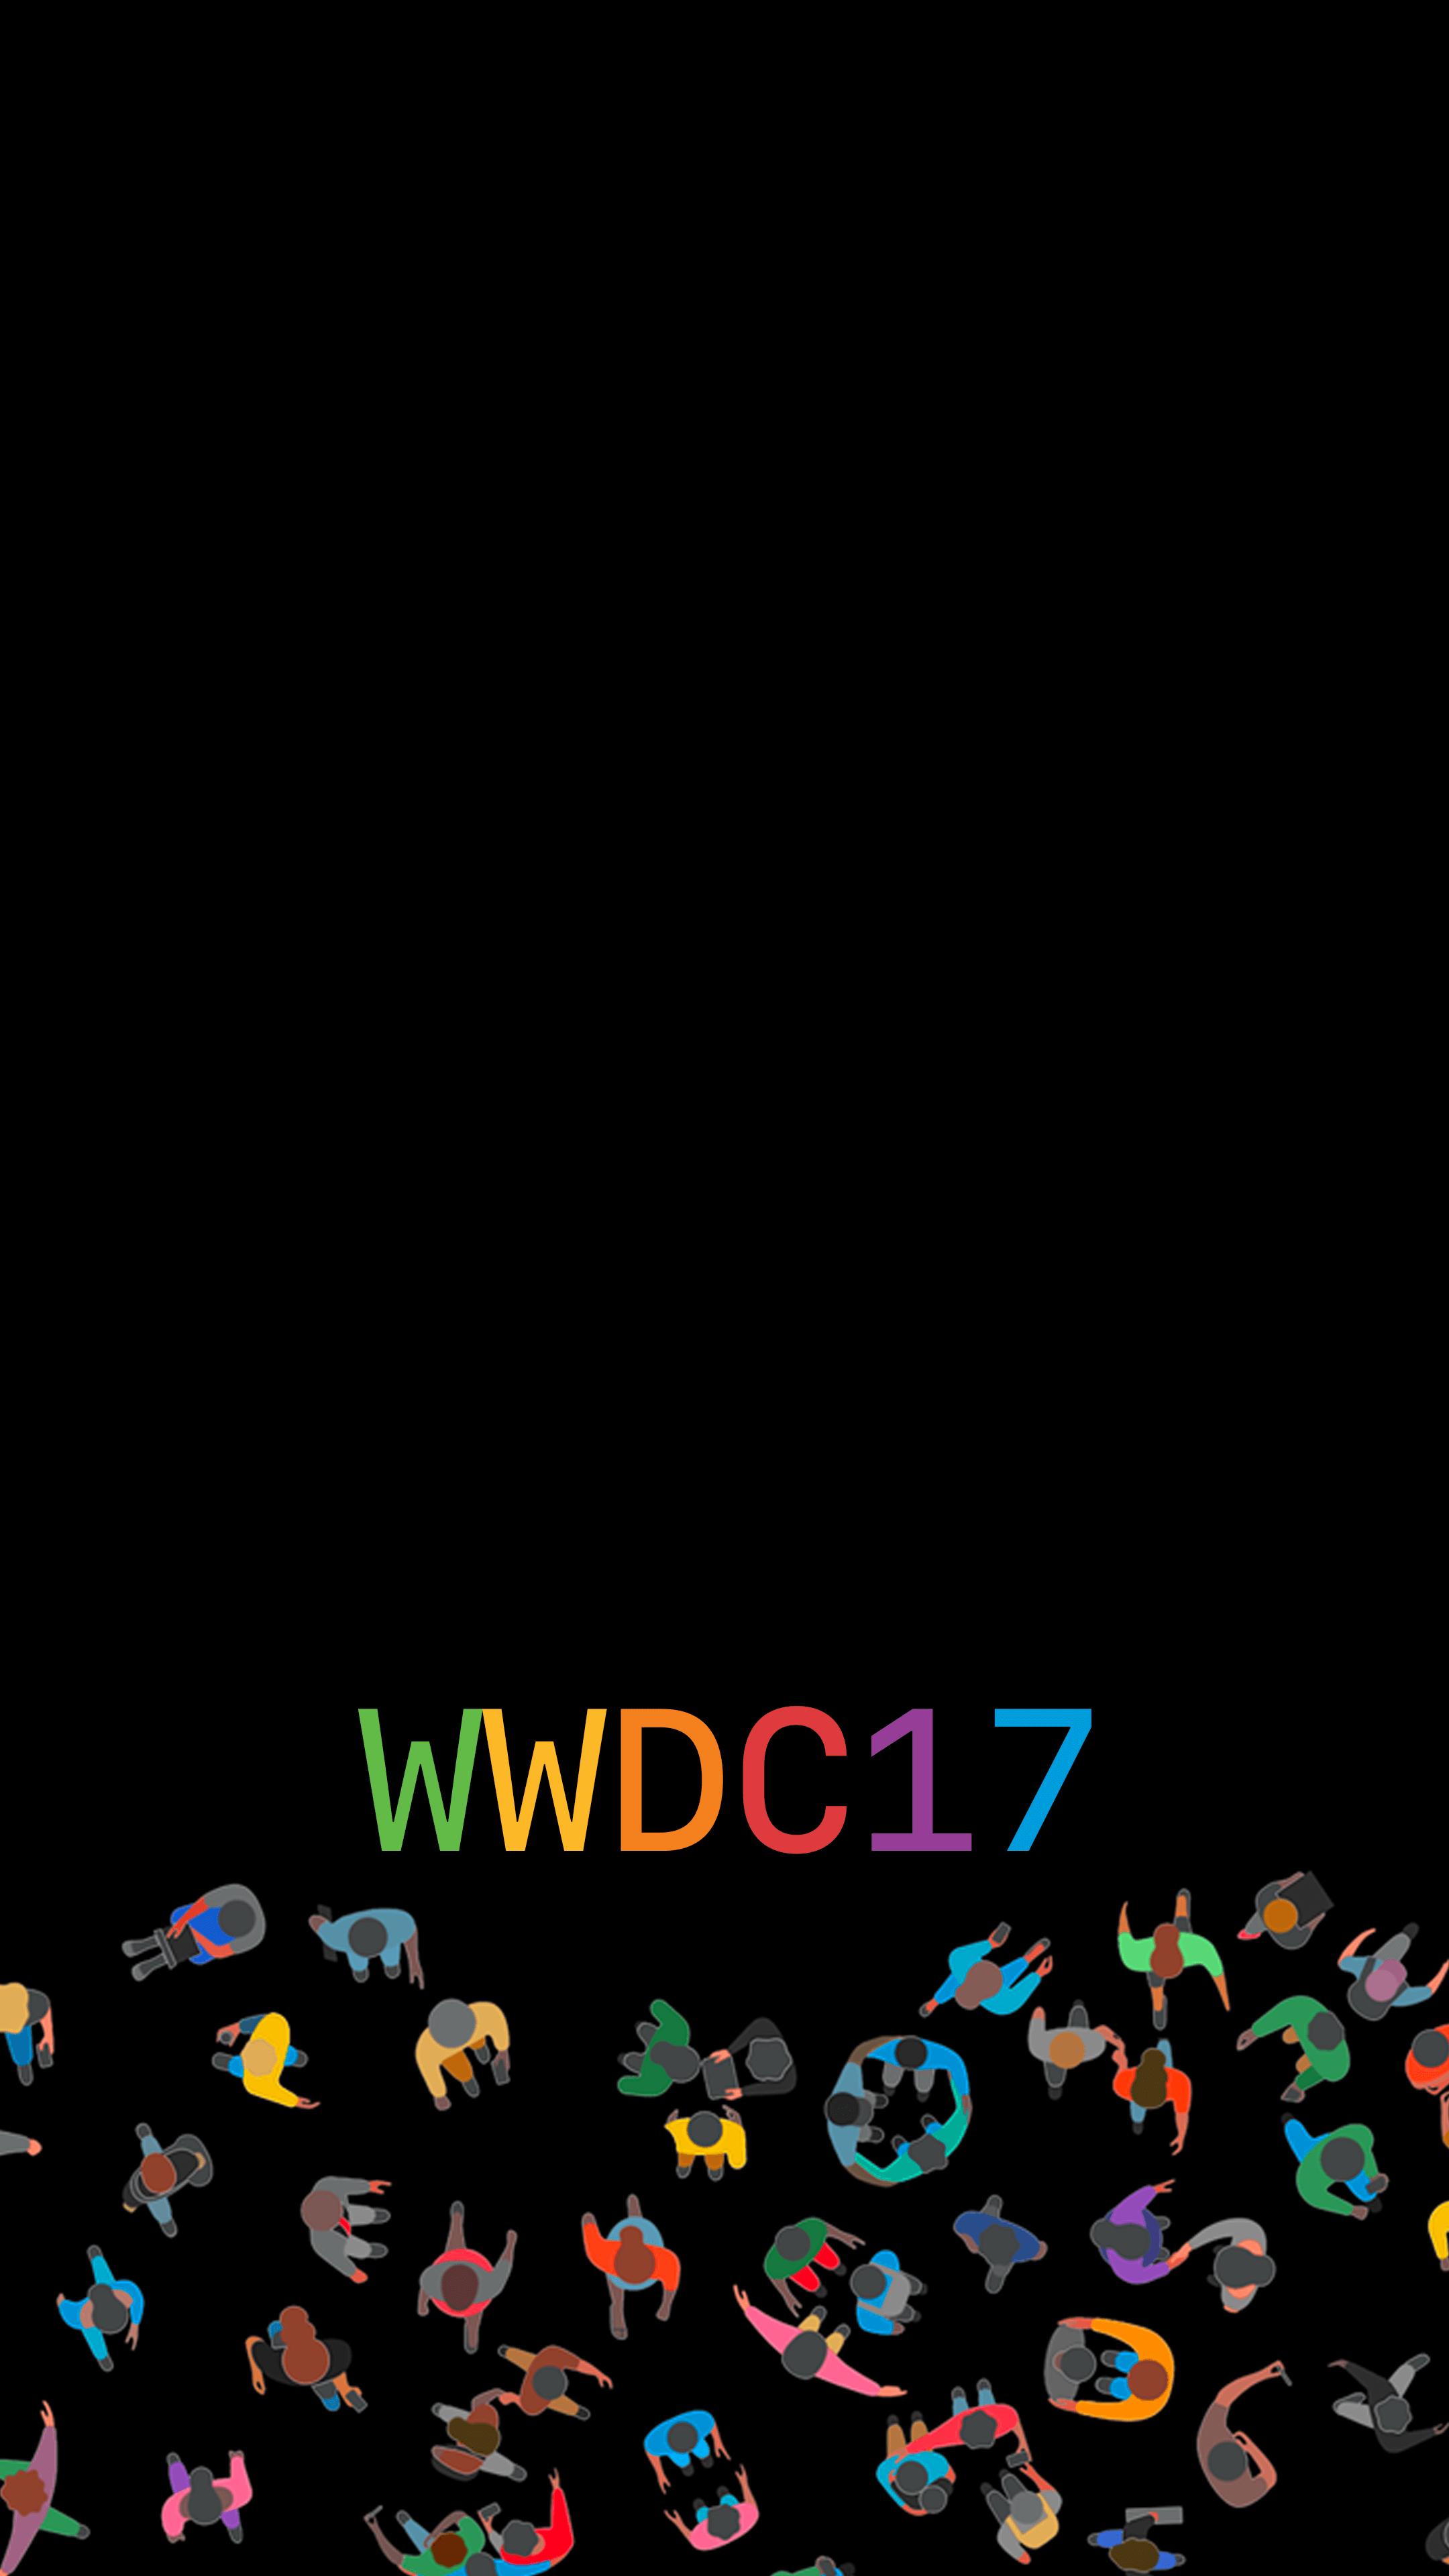 9 fonds d 39 cran wwdc 2017 pour iphone et ipad for Photo ecran avec iphone 7